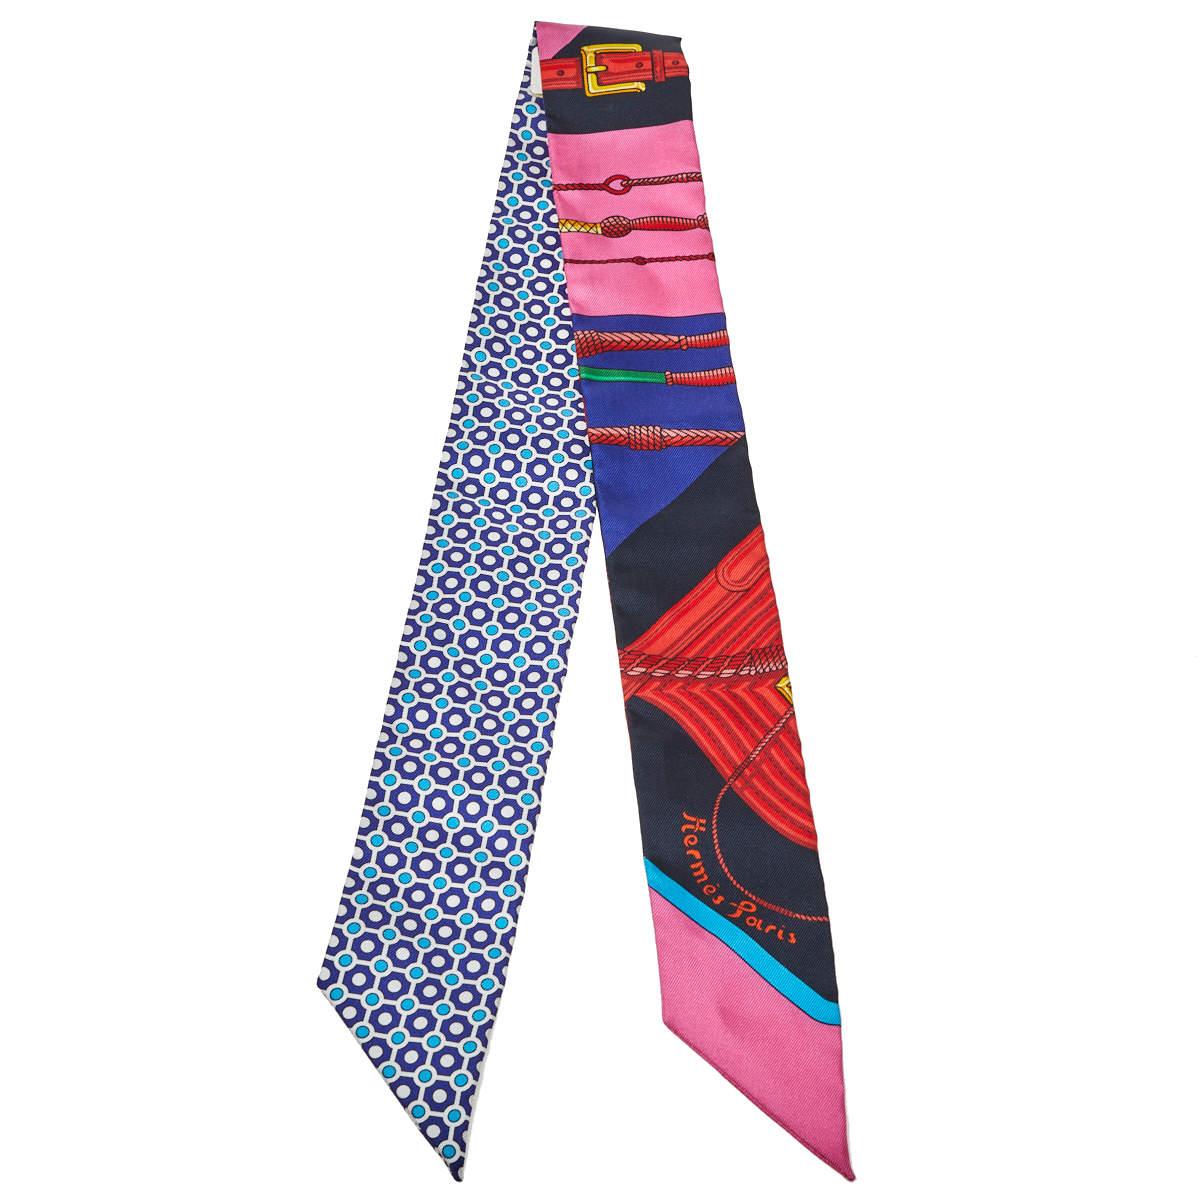 Hermes Blue & Rose Clic-Clac Modern Cannage Silk Twilly Scarf